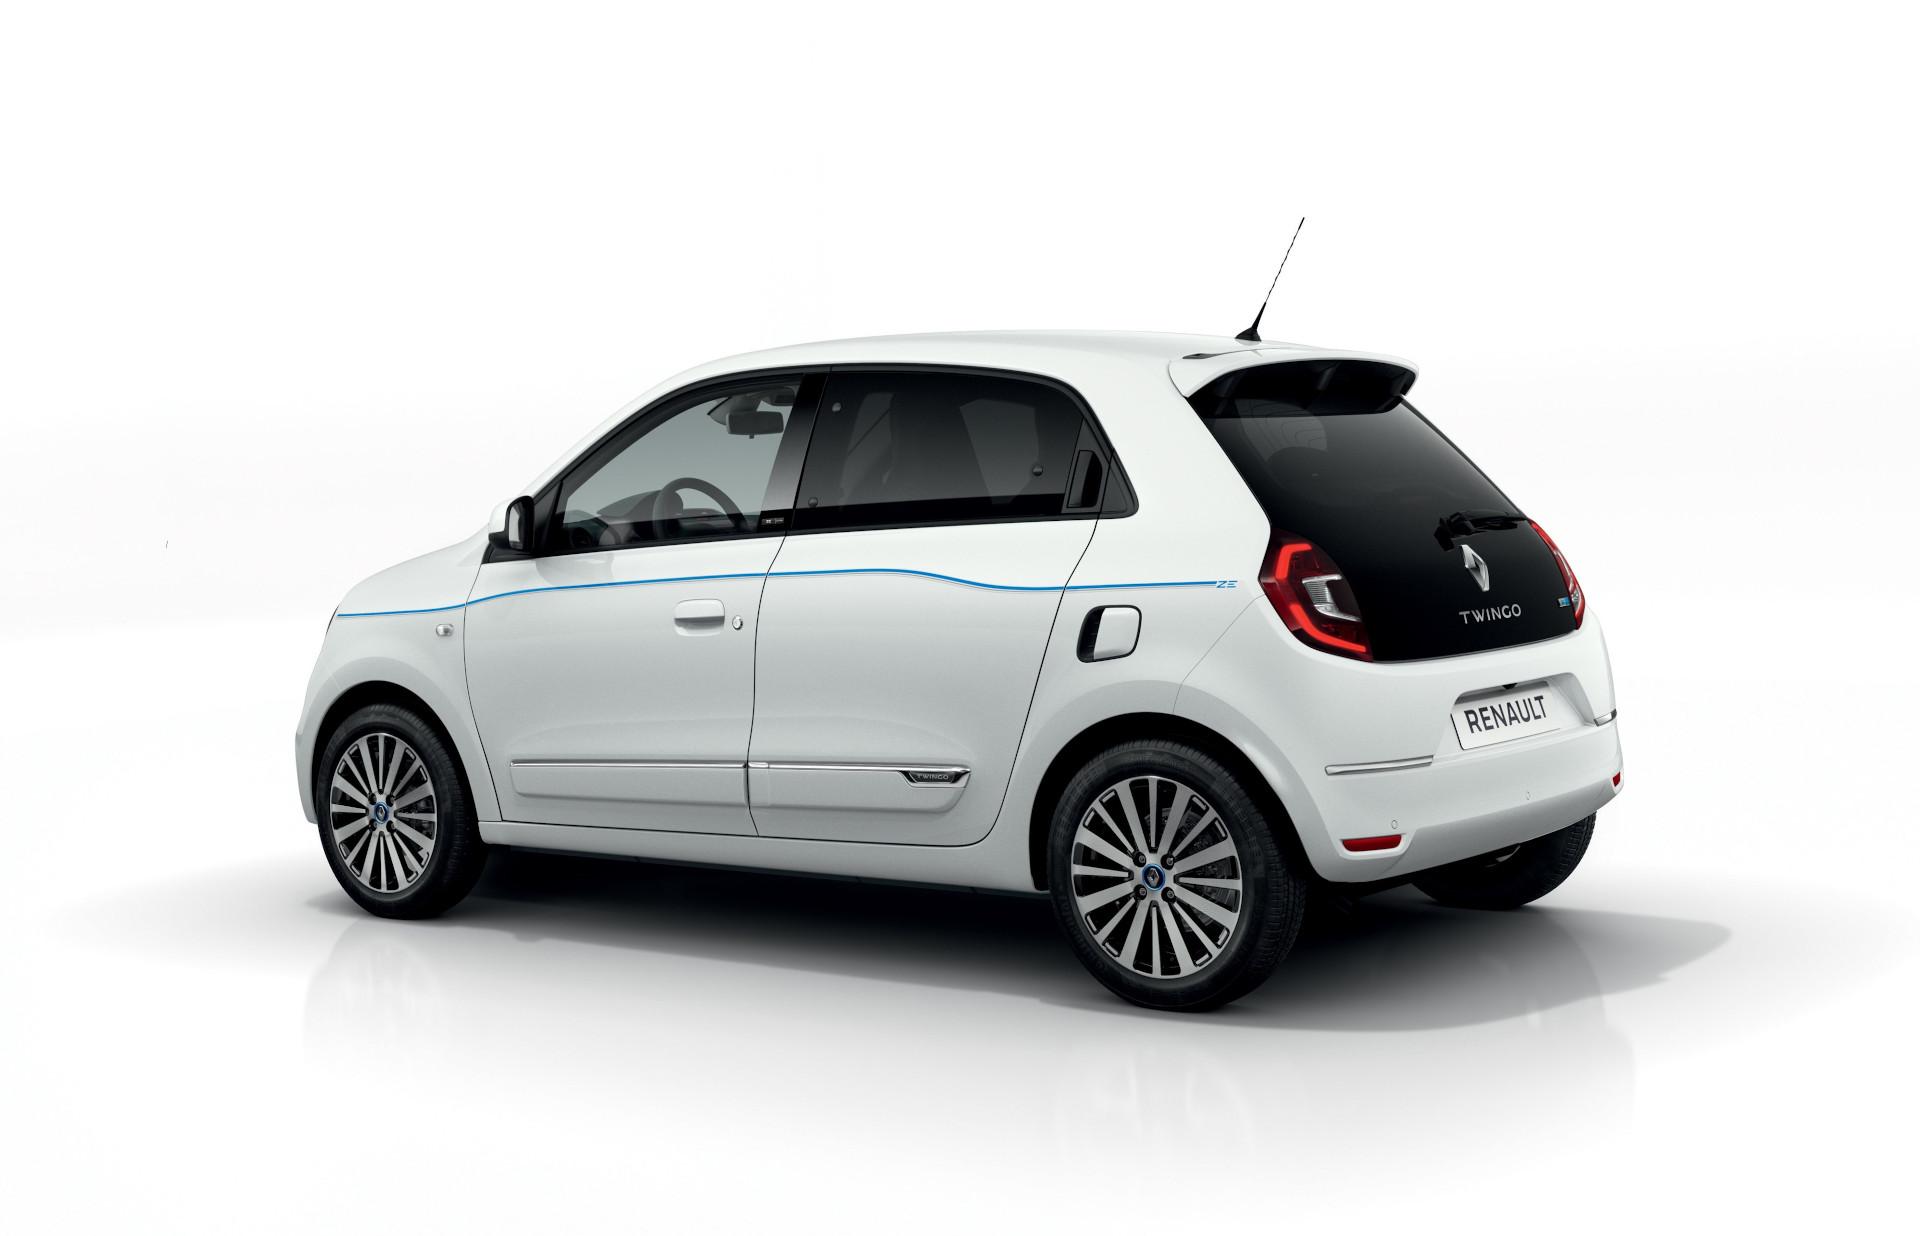 New 2020 Renault Twingo ZE side-rear